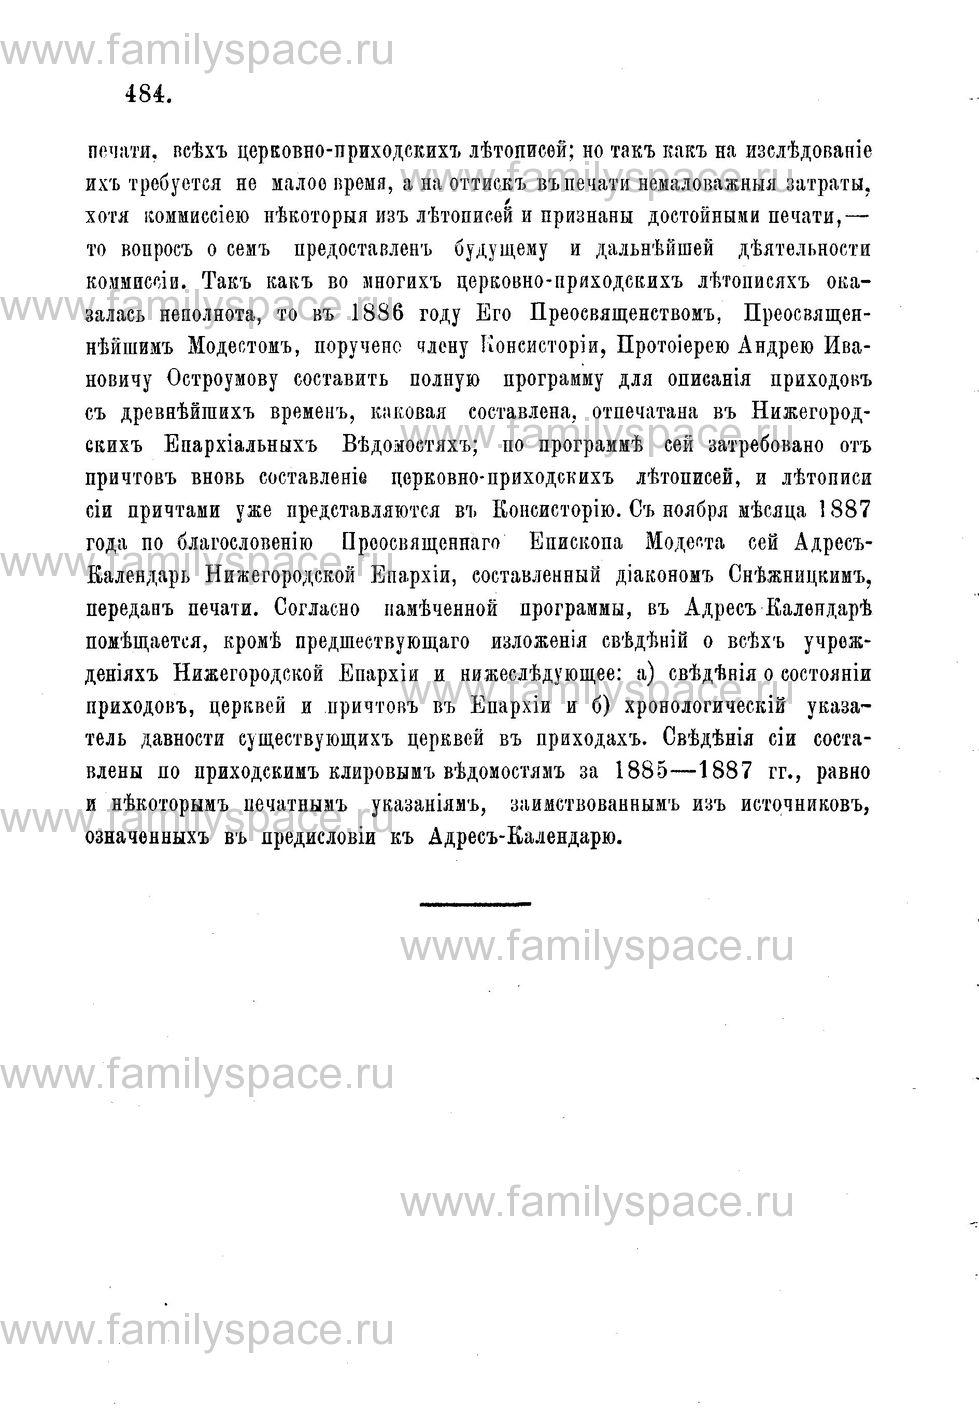 Поиск по фамилии - Адрес-календарь Нижегородской епархии на 1888 год, страница 1484